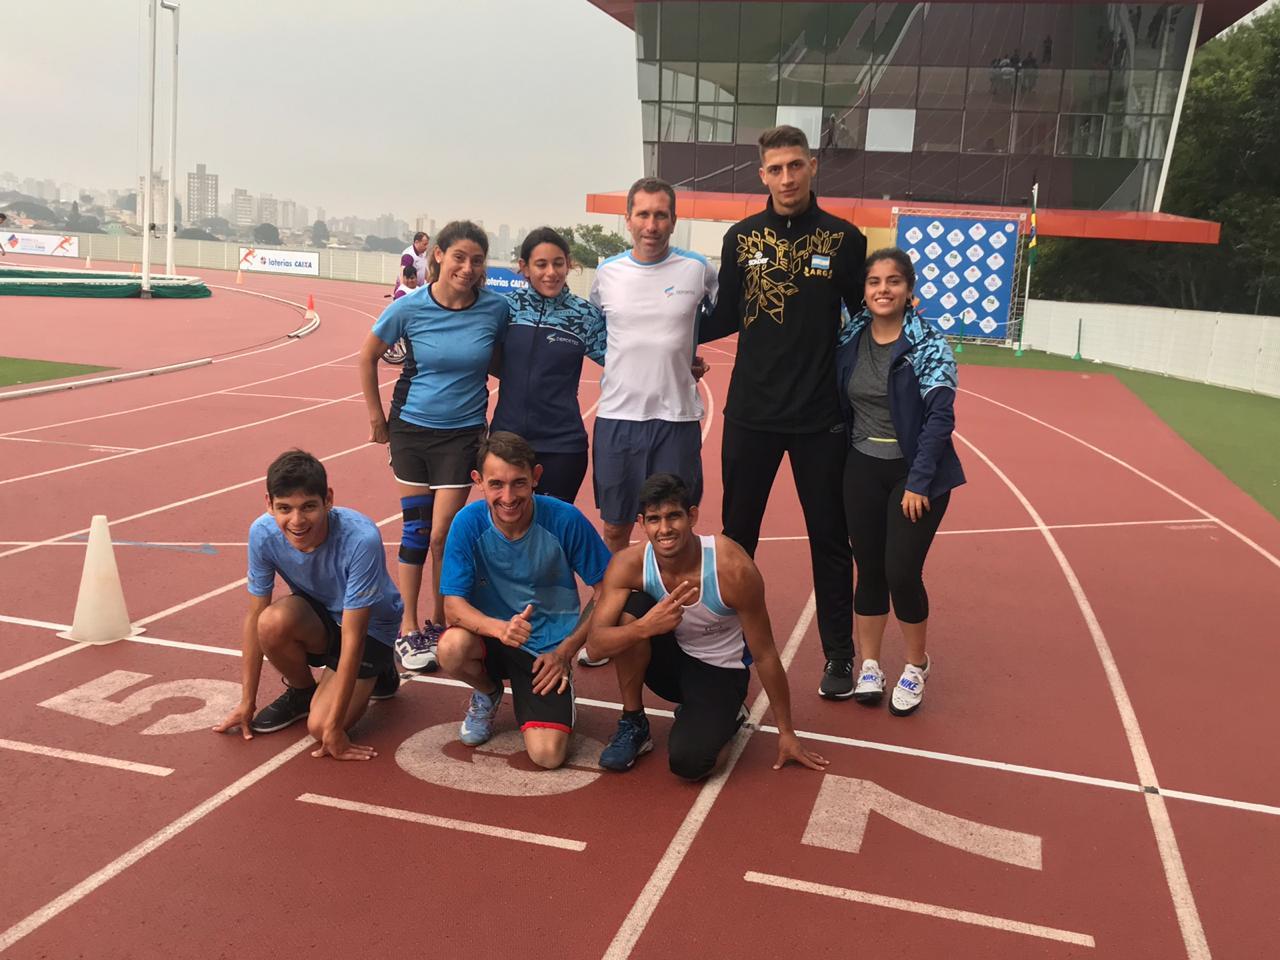 Para atletismo: se suspendieron los torneos de Buenos Aires y Concepción del Uruguay